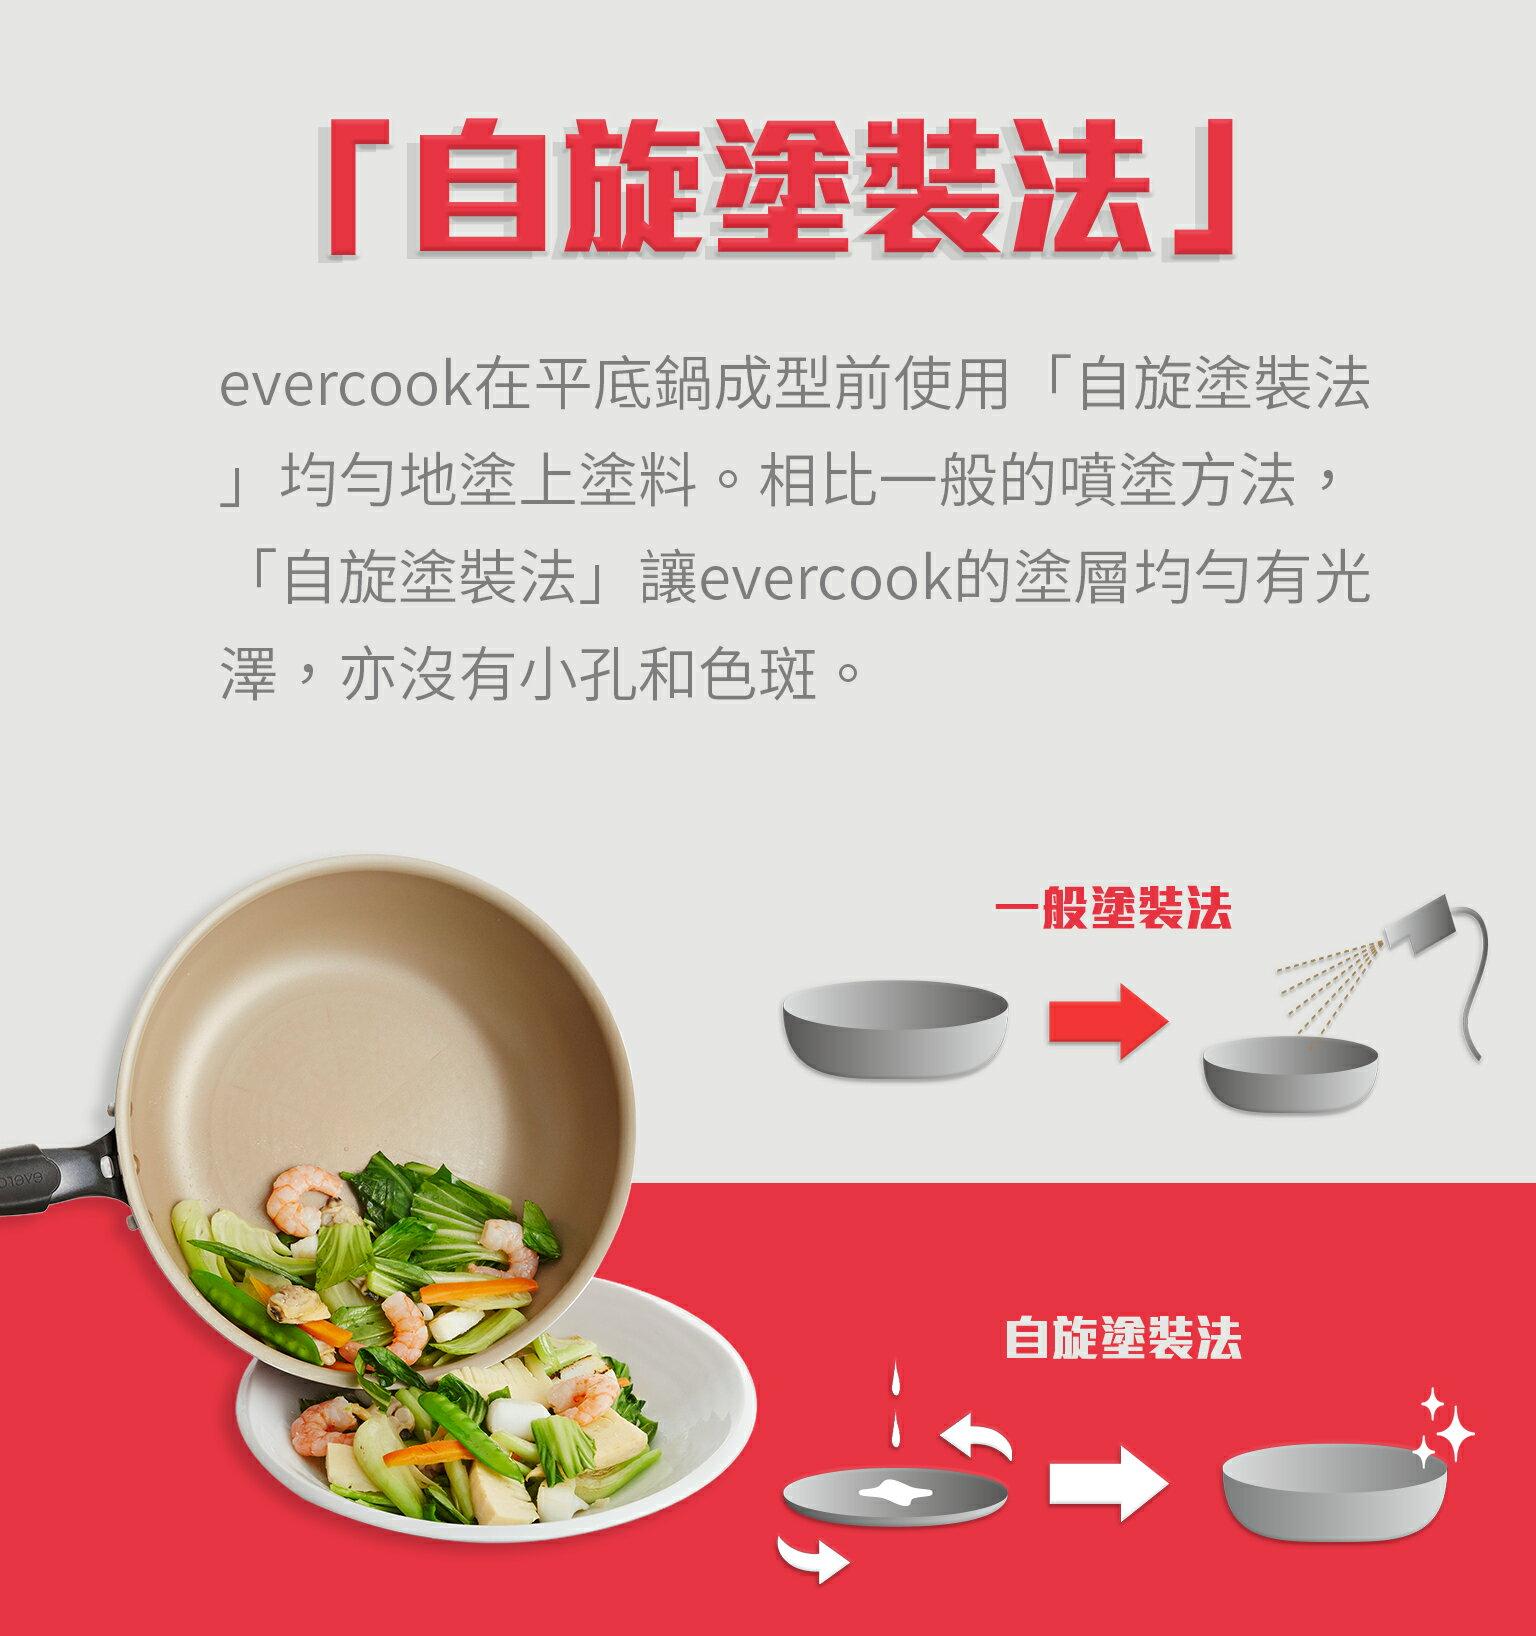 【日本Doshisha evercook】三件組-炒鍋 26cm+炒鍋 28cm+玉子燒-15*18cm 6